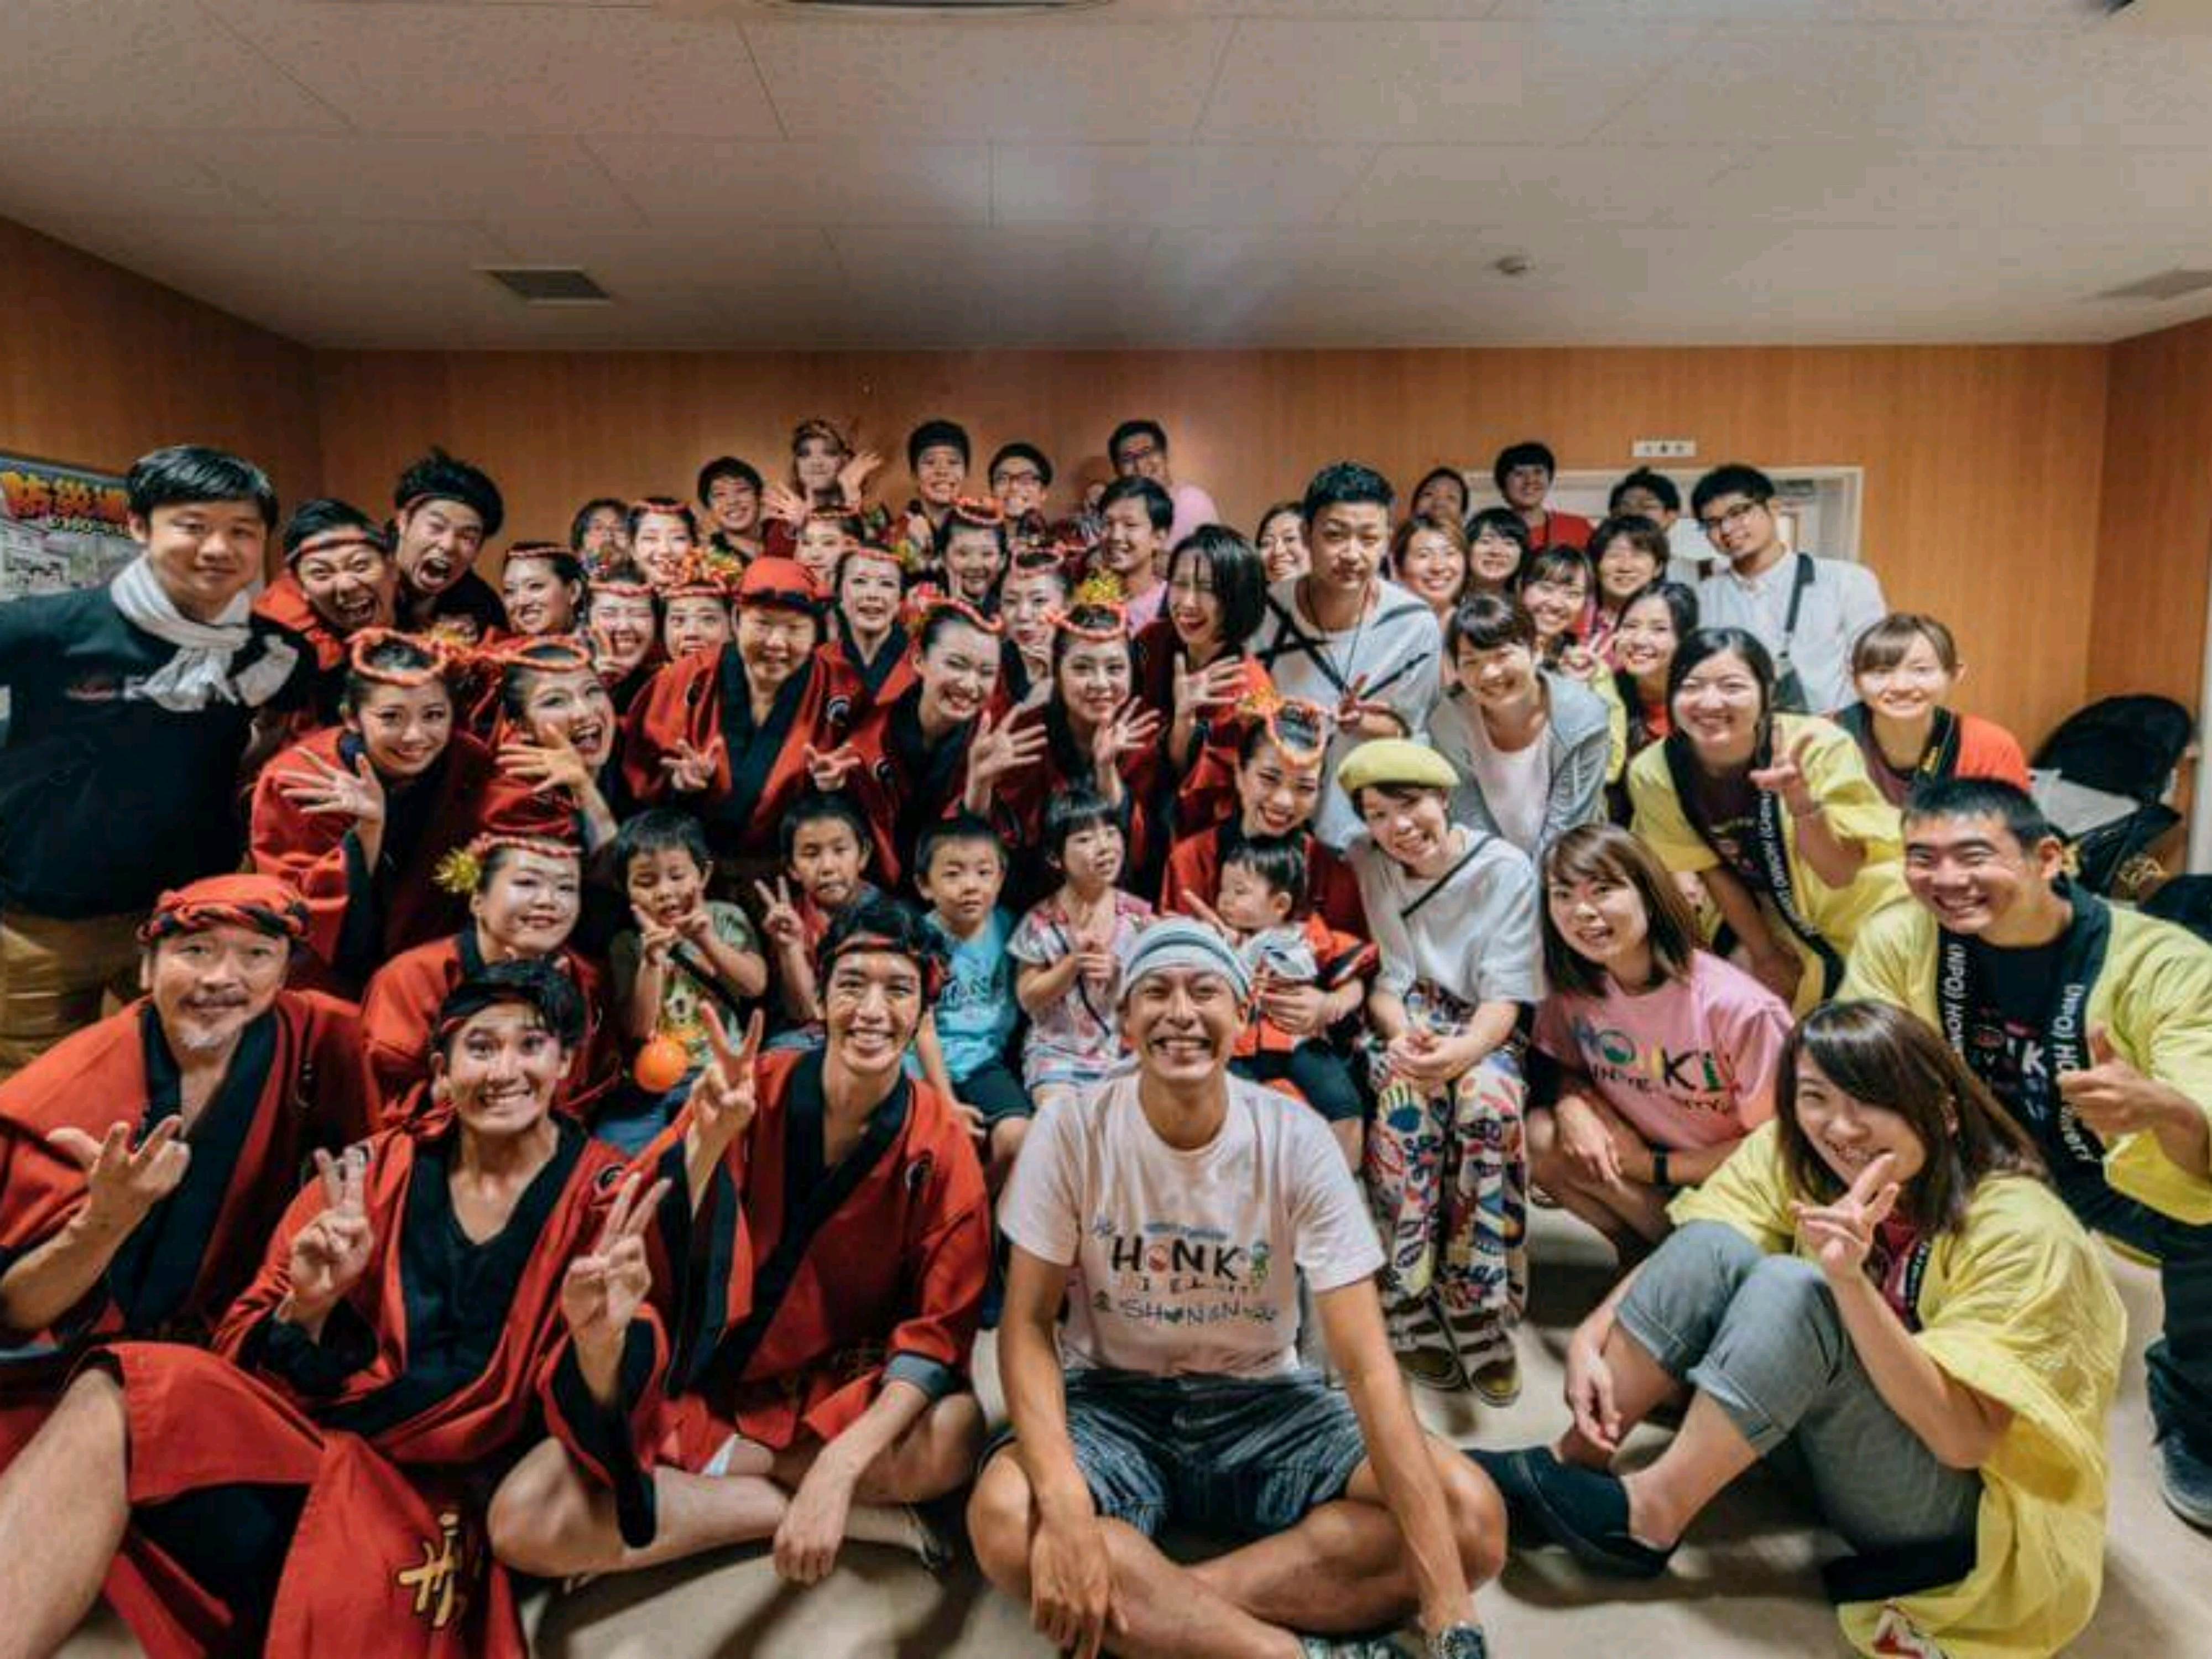 寶船×HONKI University「中村橋阿波踊り2017」で阿波踊りをしてきました!!